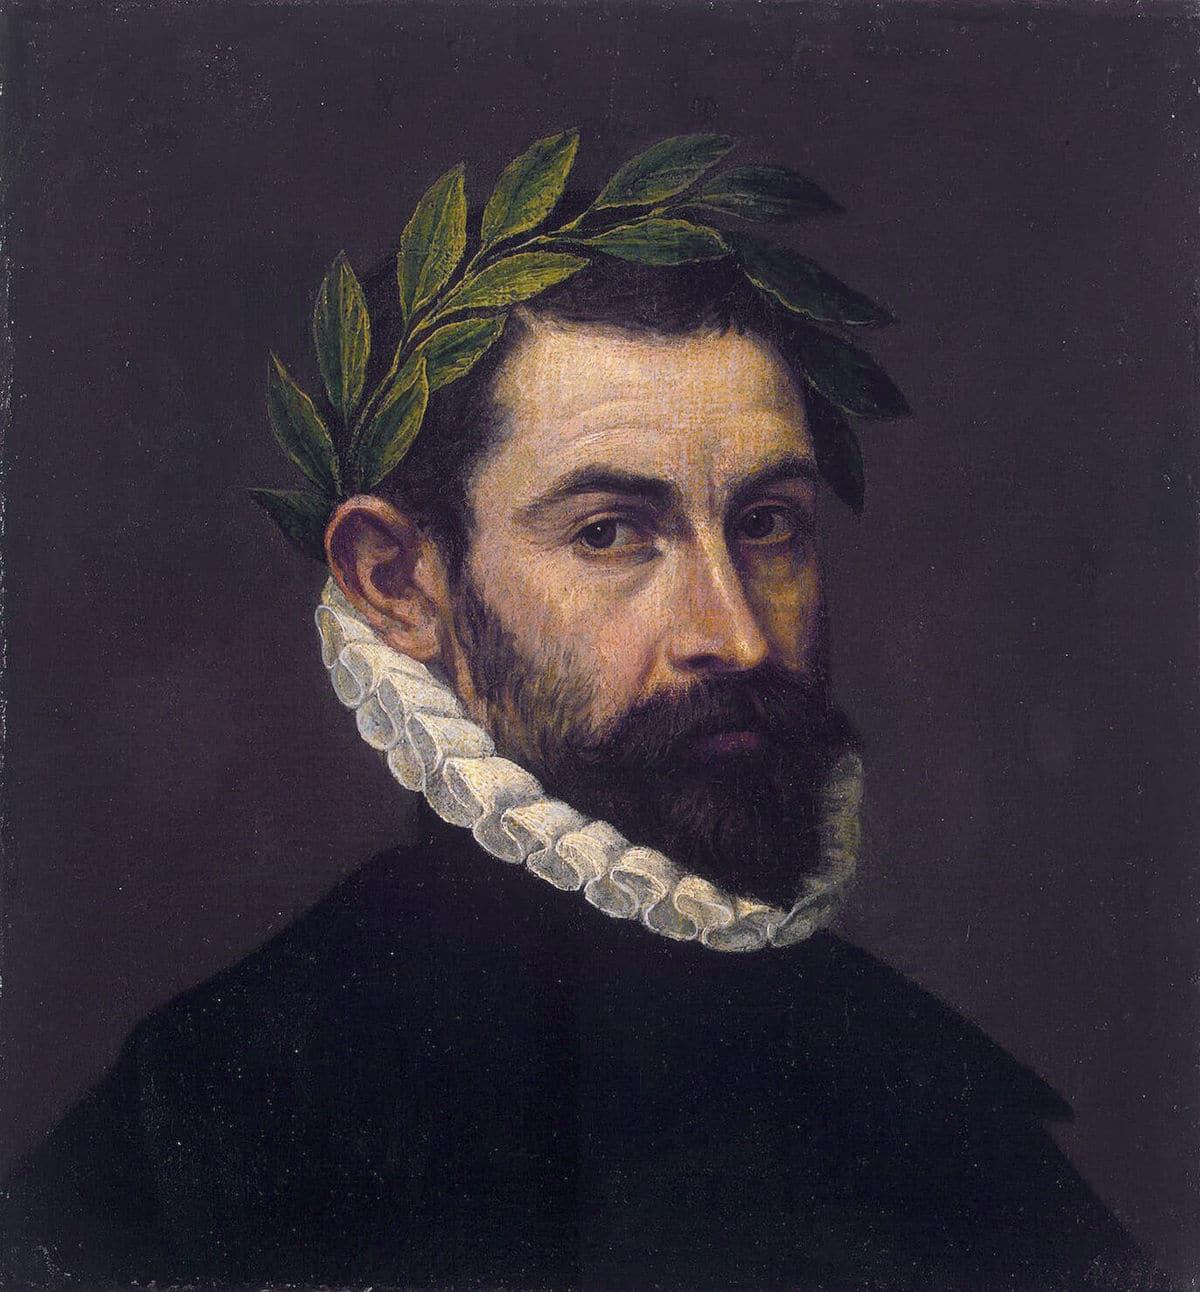 Biografía de Alonso de Ercilla